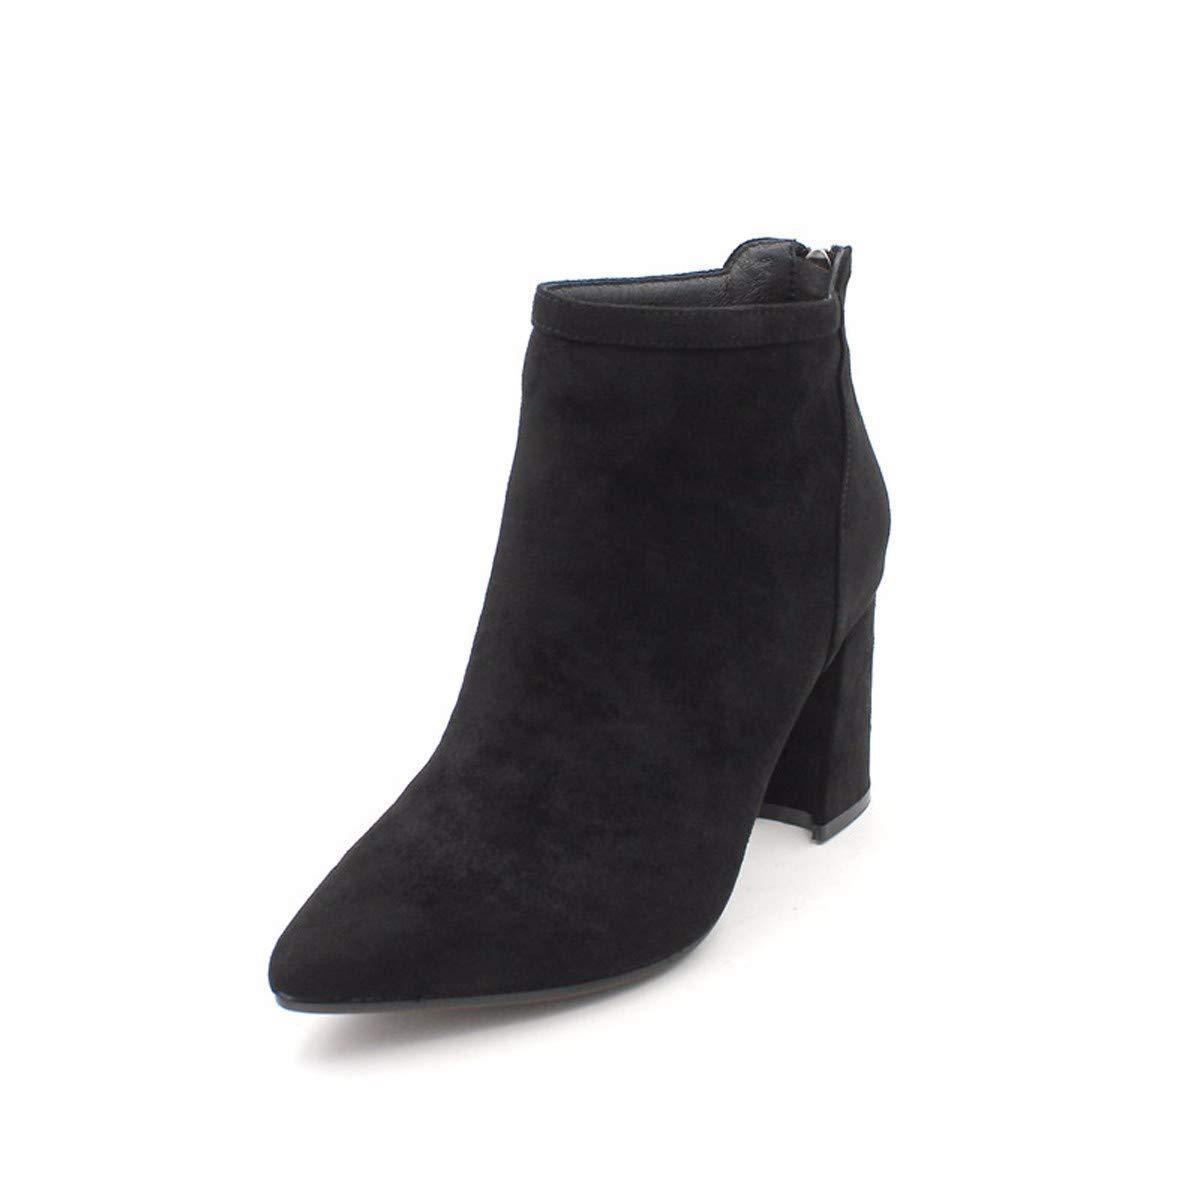 AJUNR Modische Arbeit Damenschuhe Mode Kurze Stiefel mit hohen 8cm Wildleder Spitze rau und wild